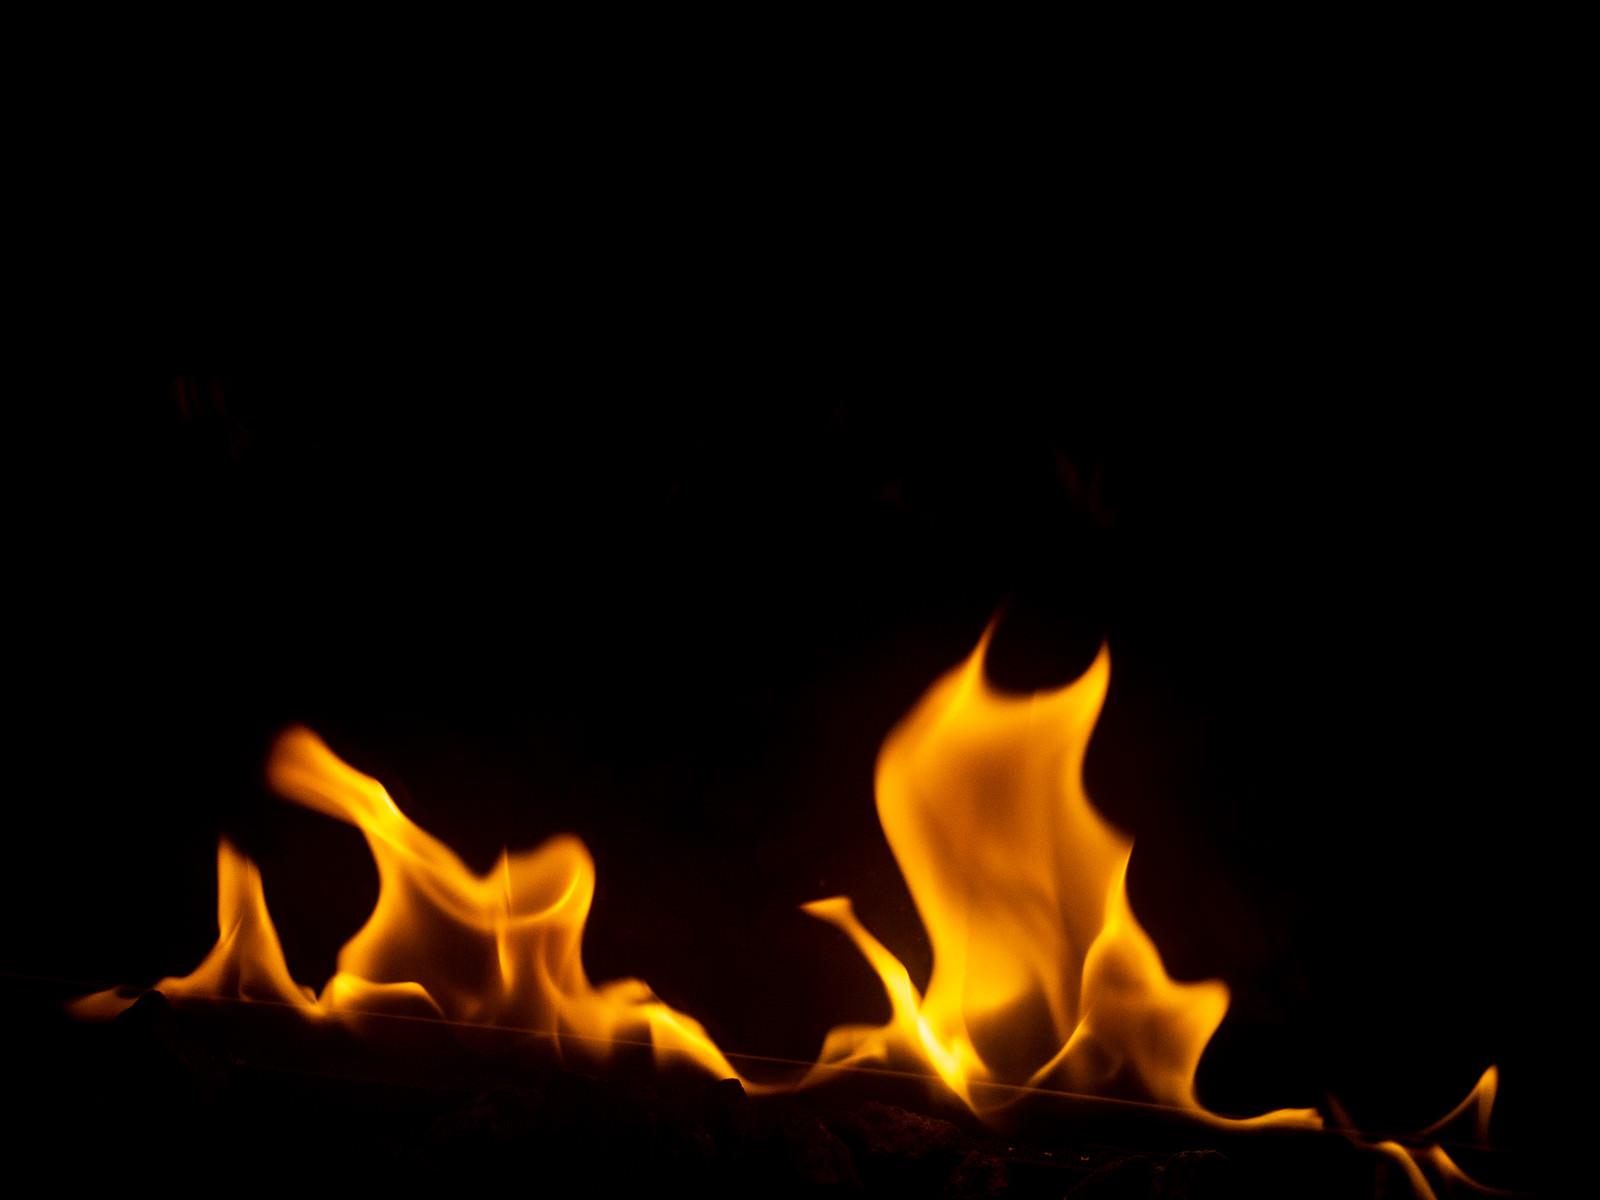 「消えそうな火」の写真